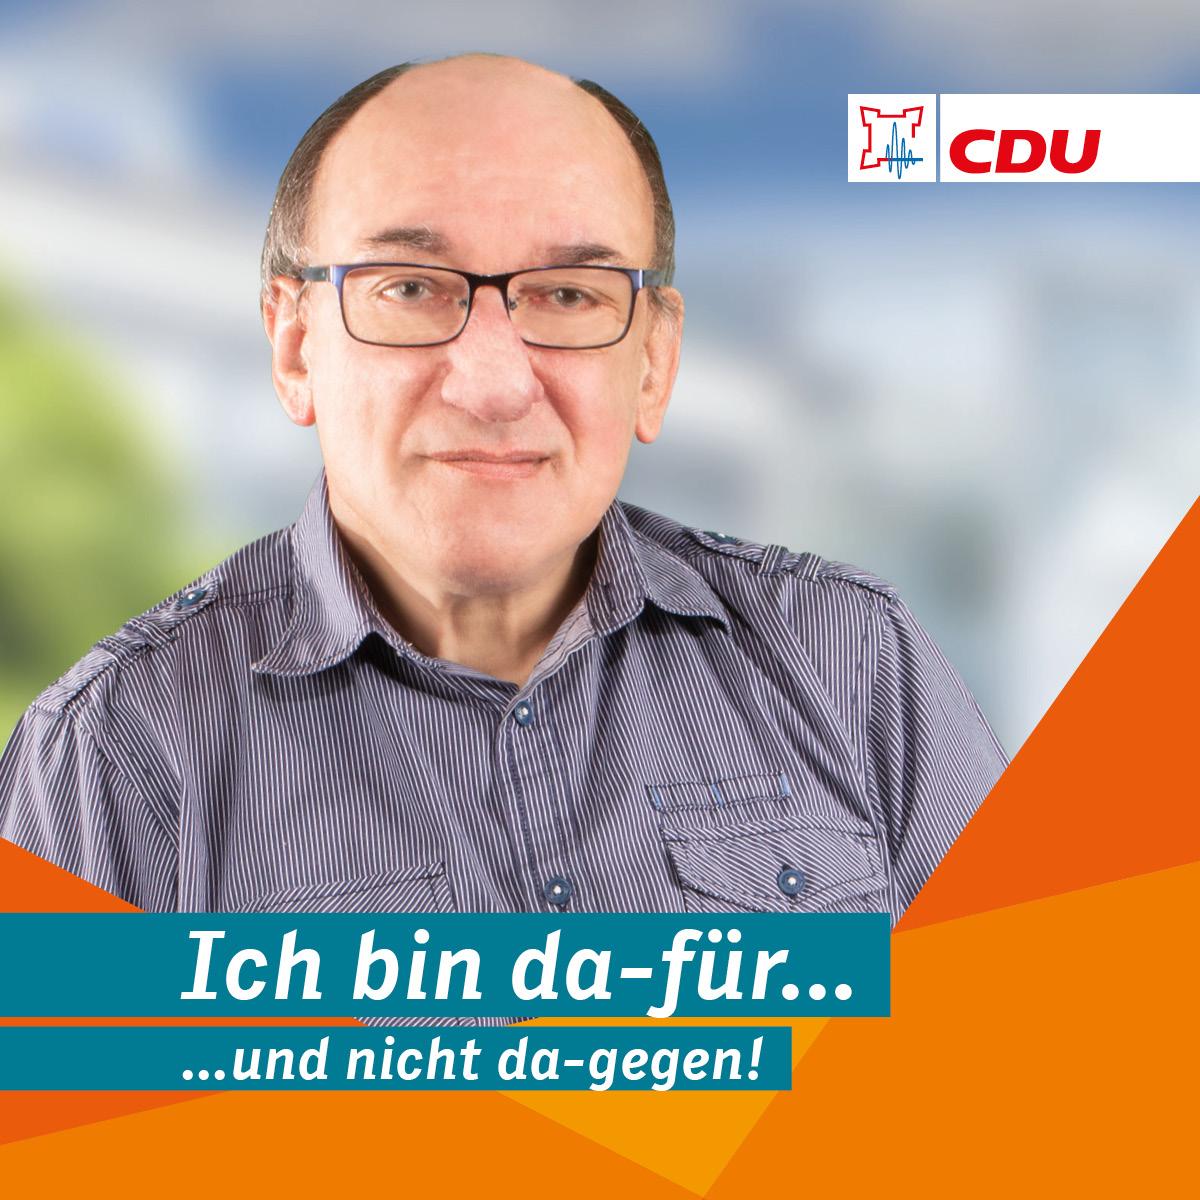 Abbildung von Dr.-Ing. Helmut Schumacher